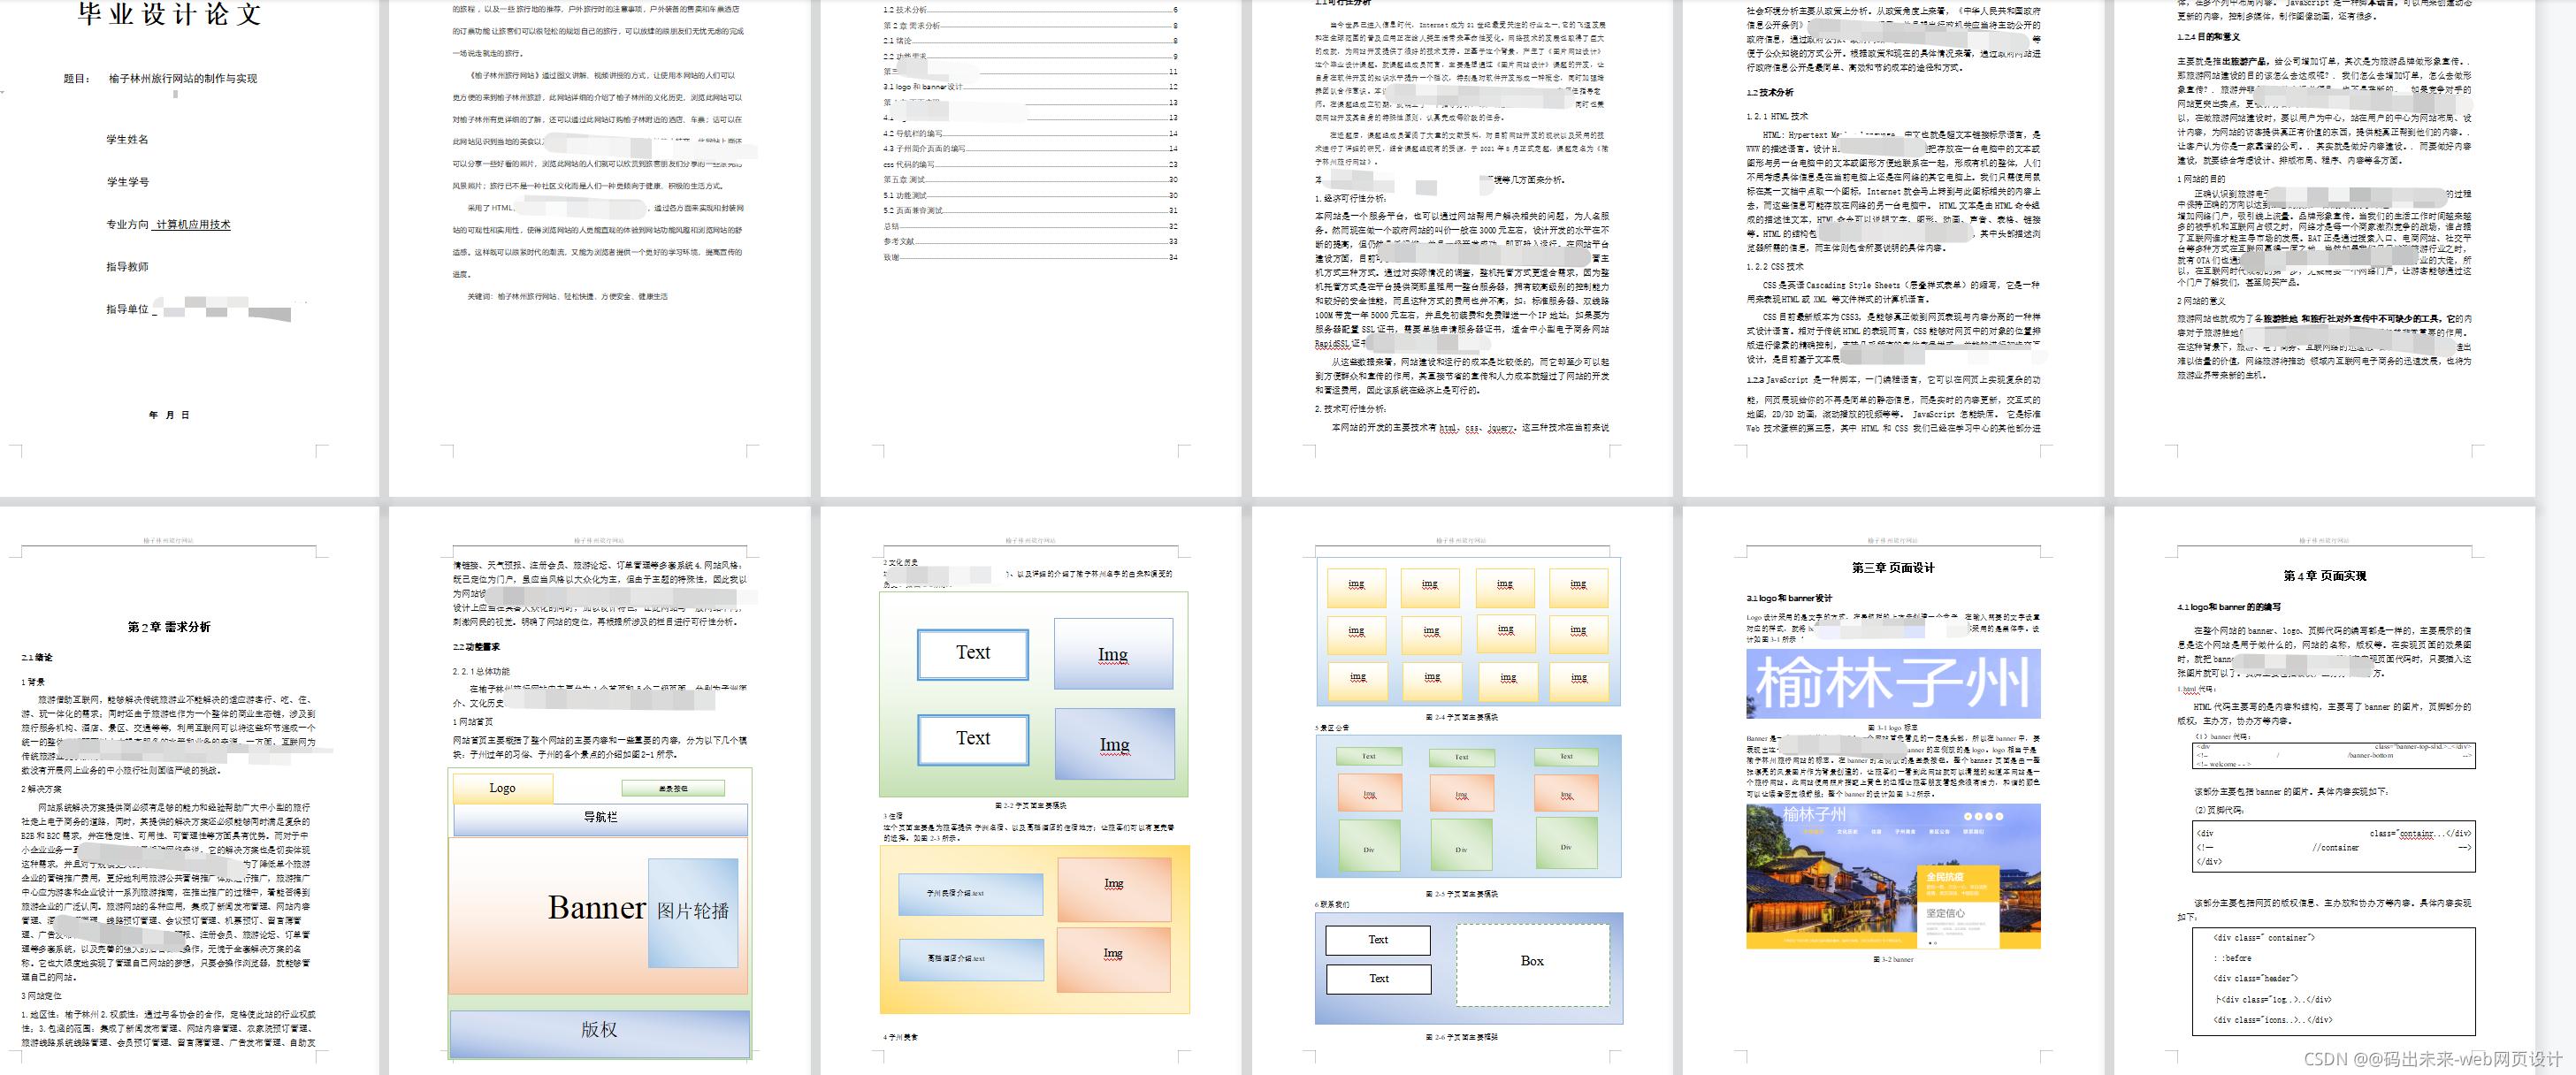 HTML5期末大作业:关于旅游景点介绍的HTML网页设计——榆林子州 8页 (含毕设论文9000字) 建议收藏_家乡介绍网页HTML_10